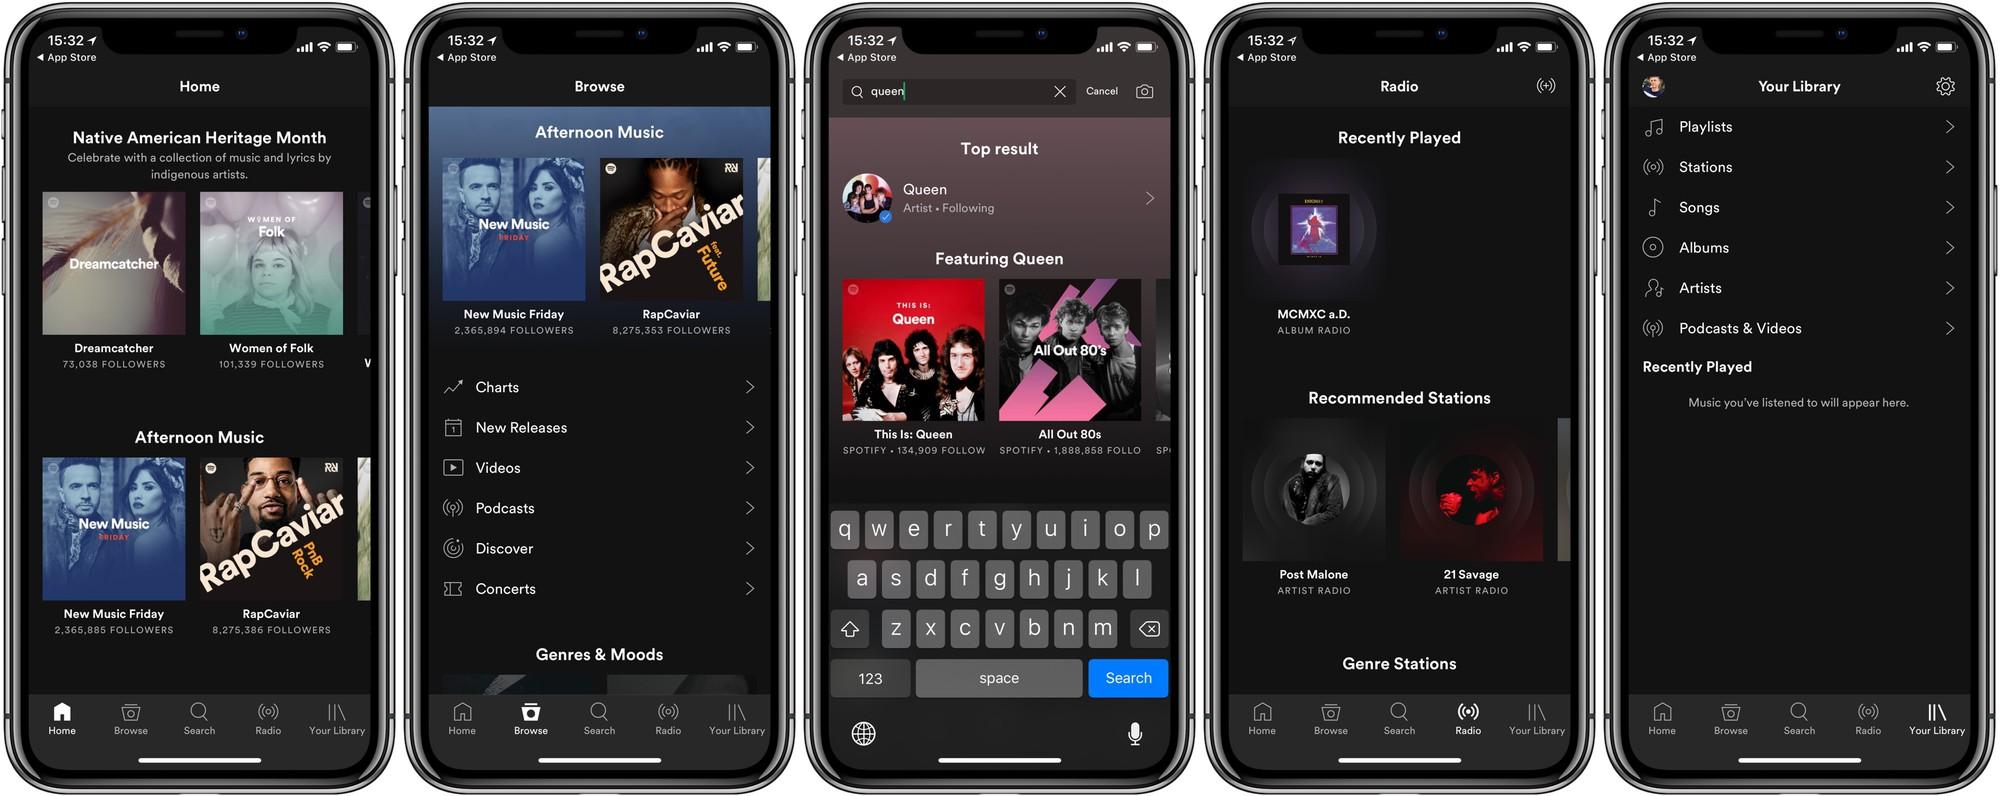 Cẩm nang giới thiệu Spotify cơ bản: Cách tải, tạo tài khoản và các tính năng quan trọng - Ảnh 3.